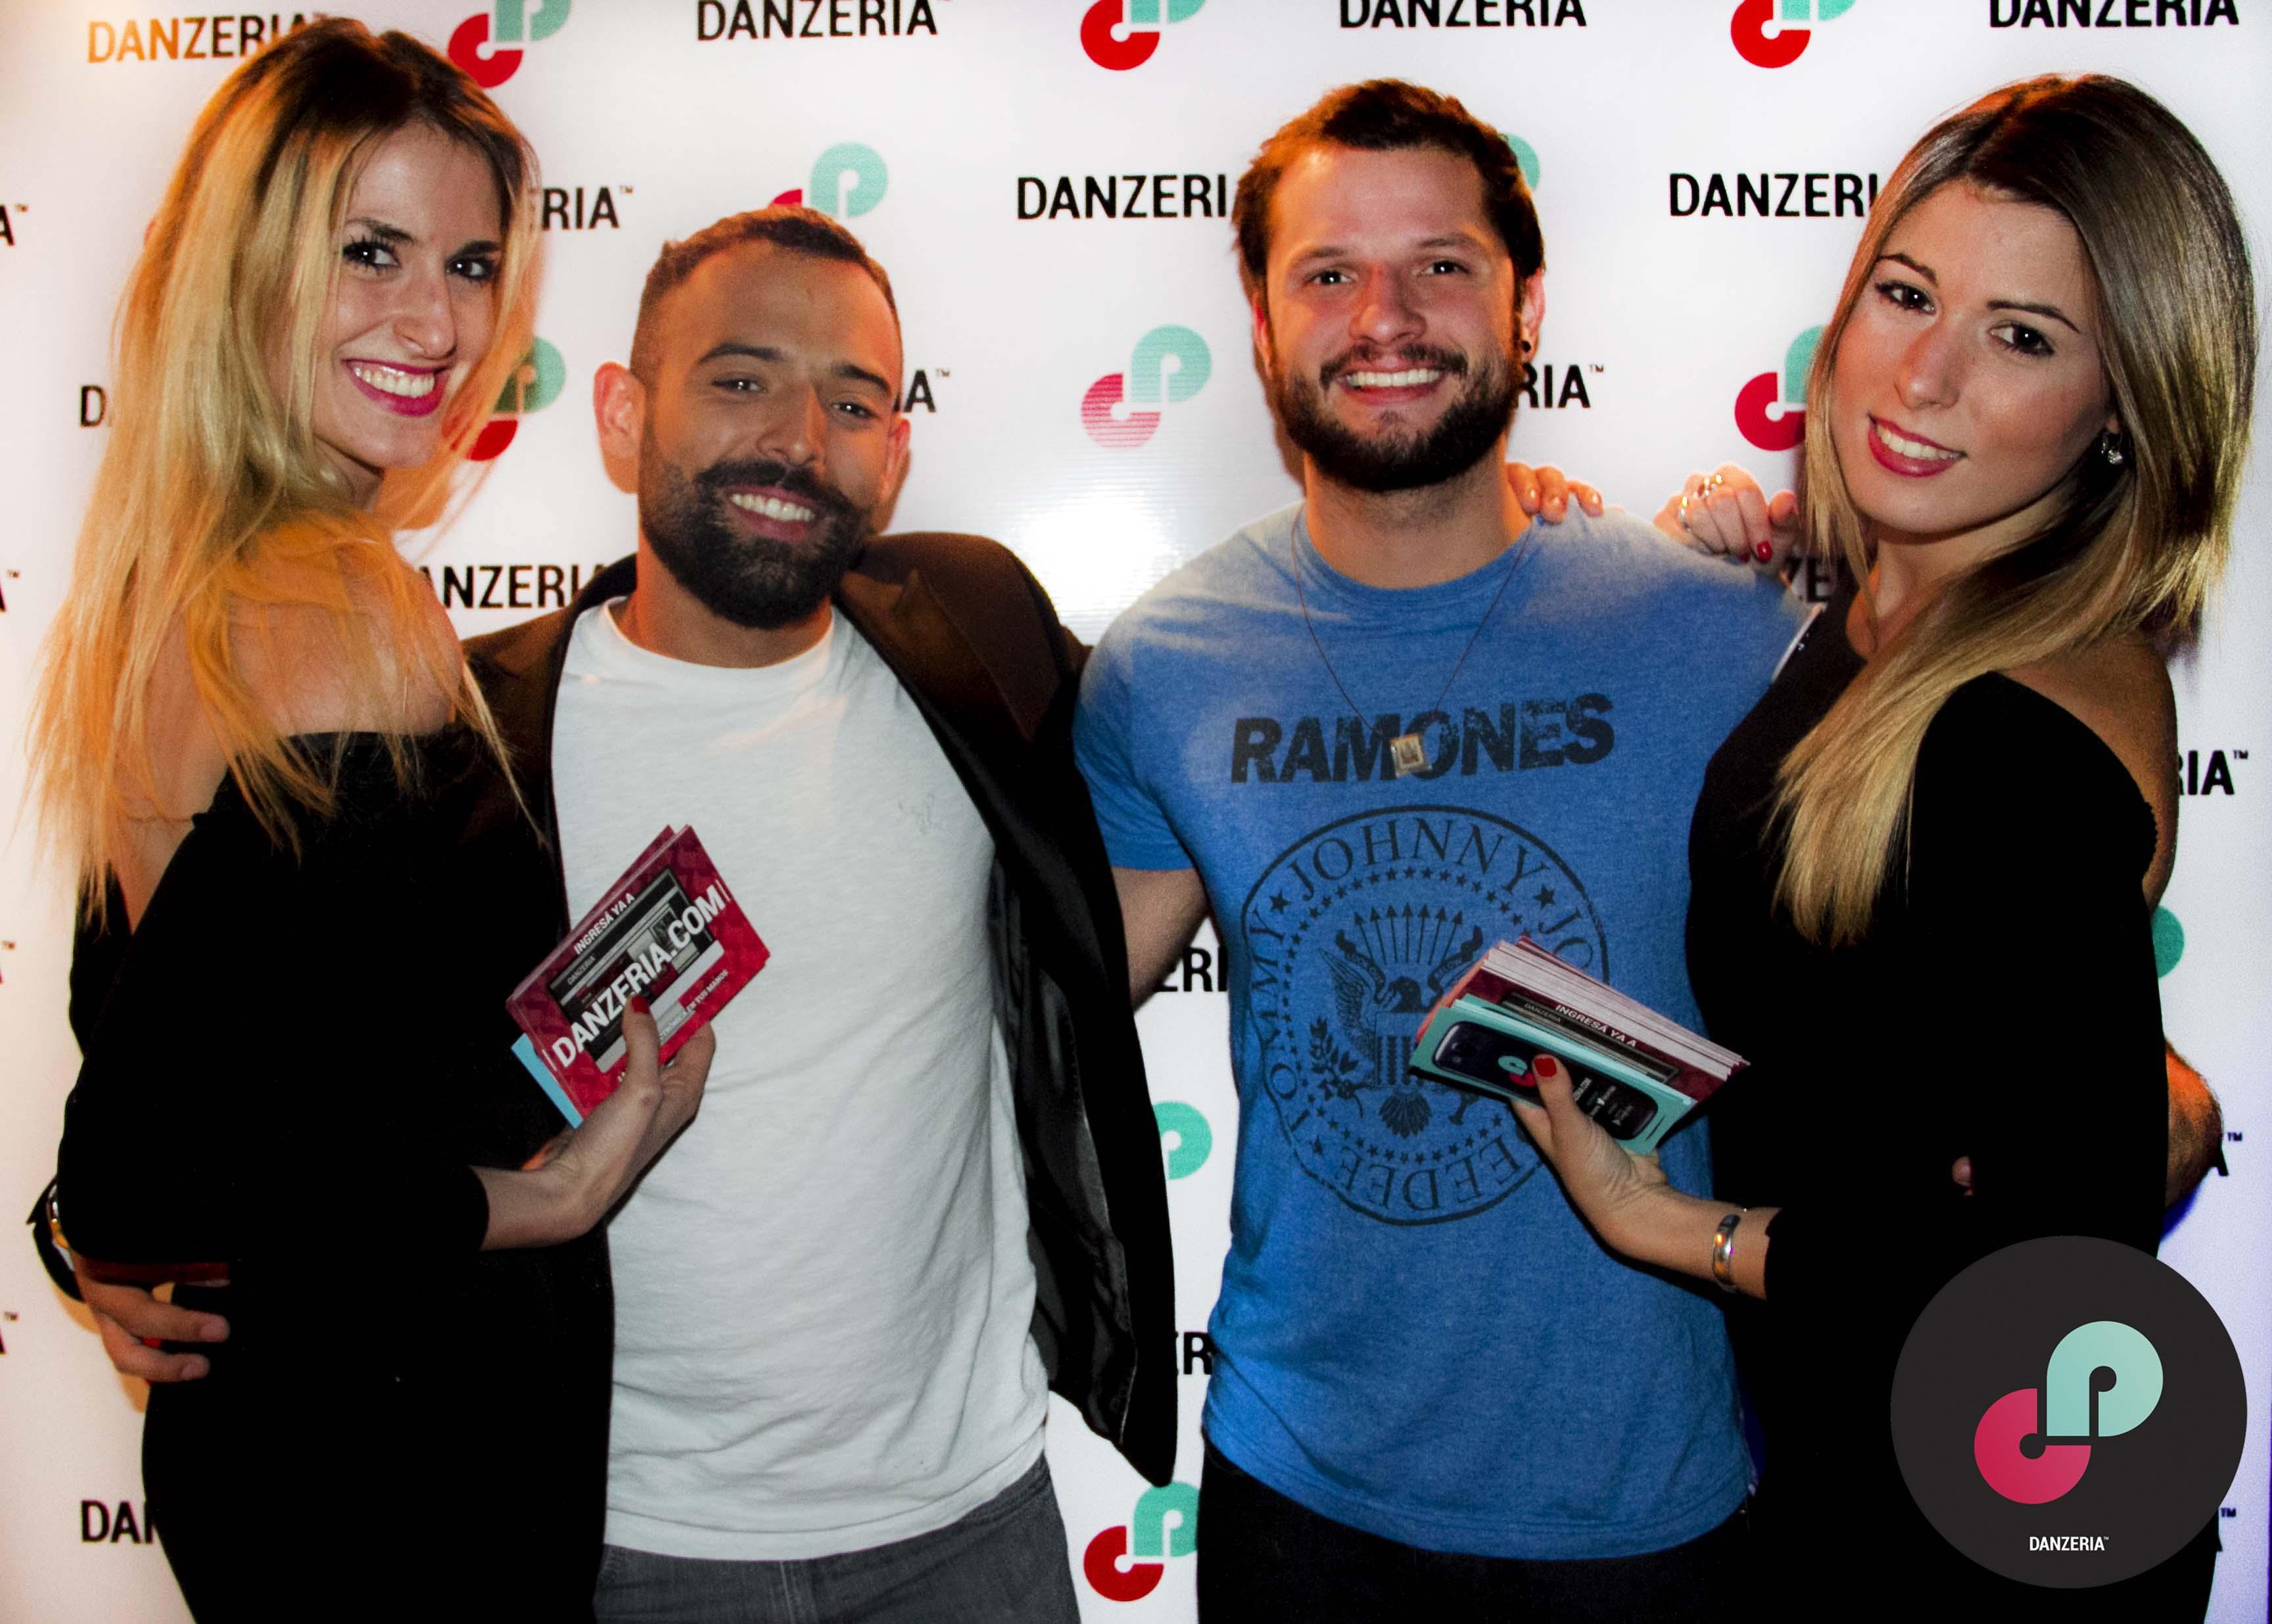 Lanzamiento Danzeria App